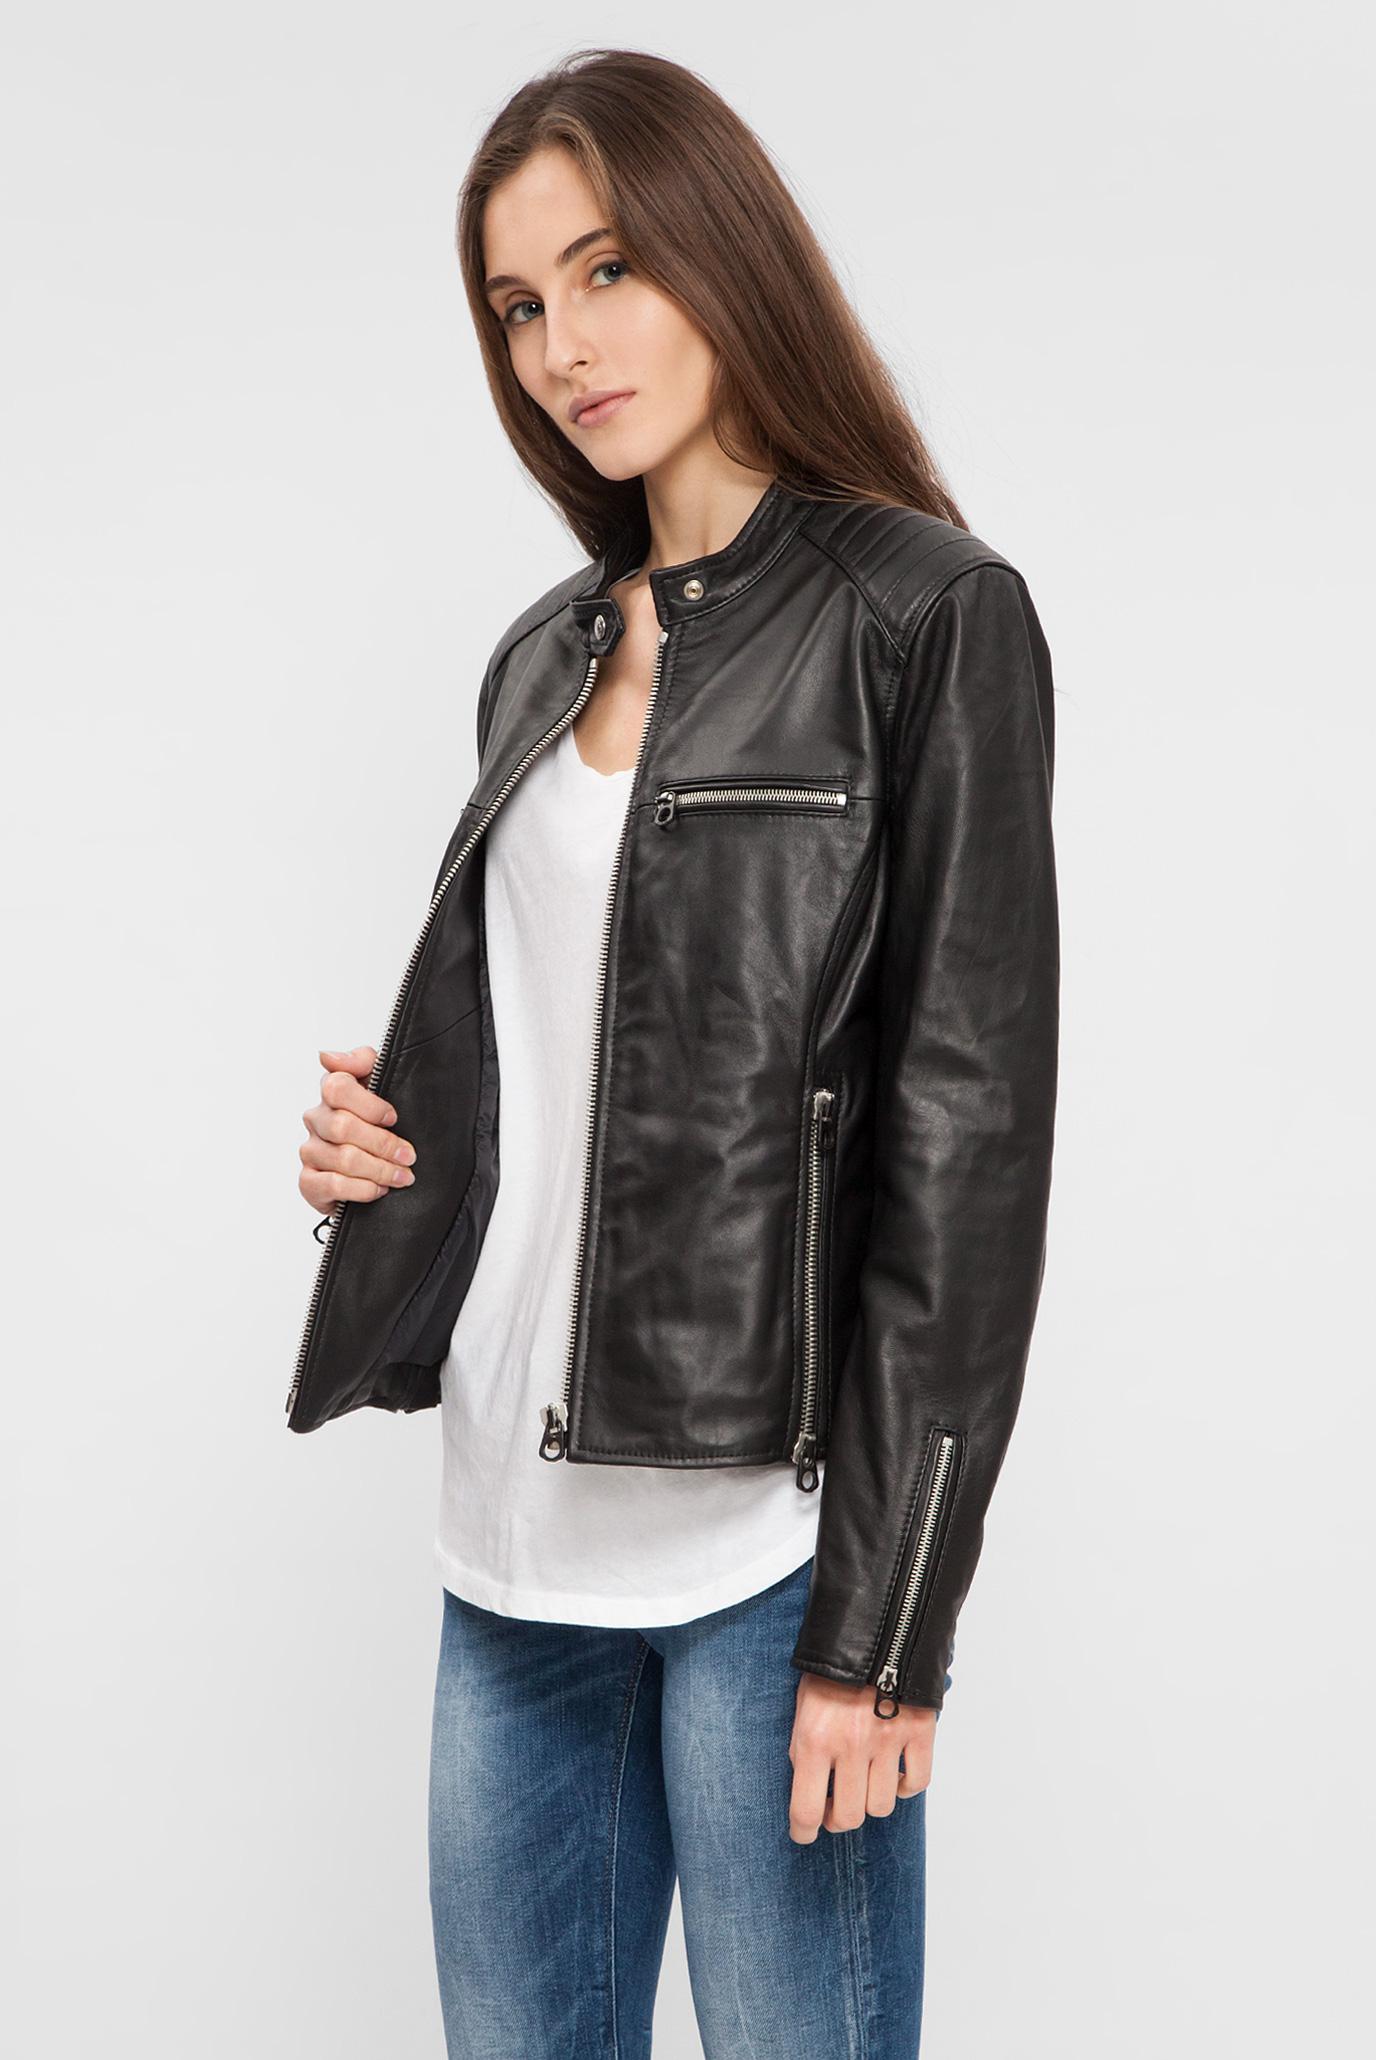 Купить Женская черная кожаная куртка Replay Replay W7402 .000.82926T –  Киев, Украина. Цены в интернет магазине ... 877e9a047e5